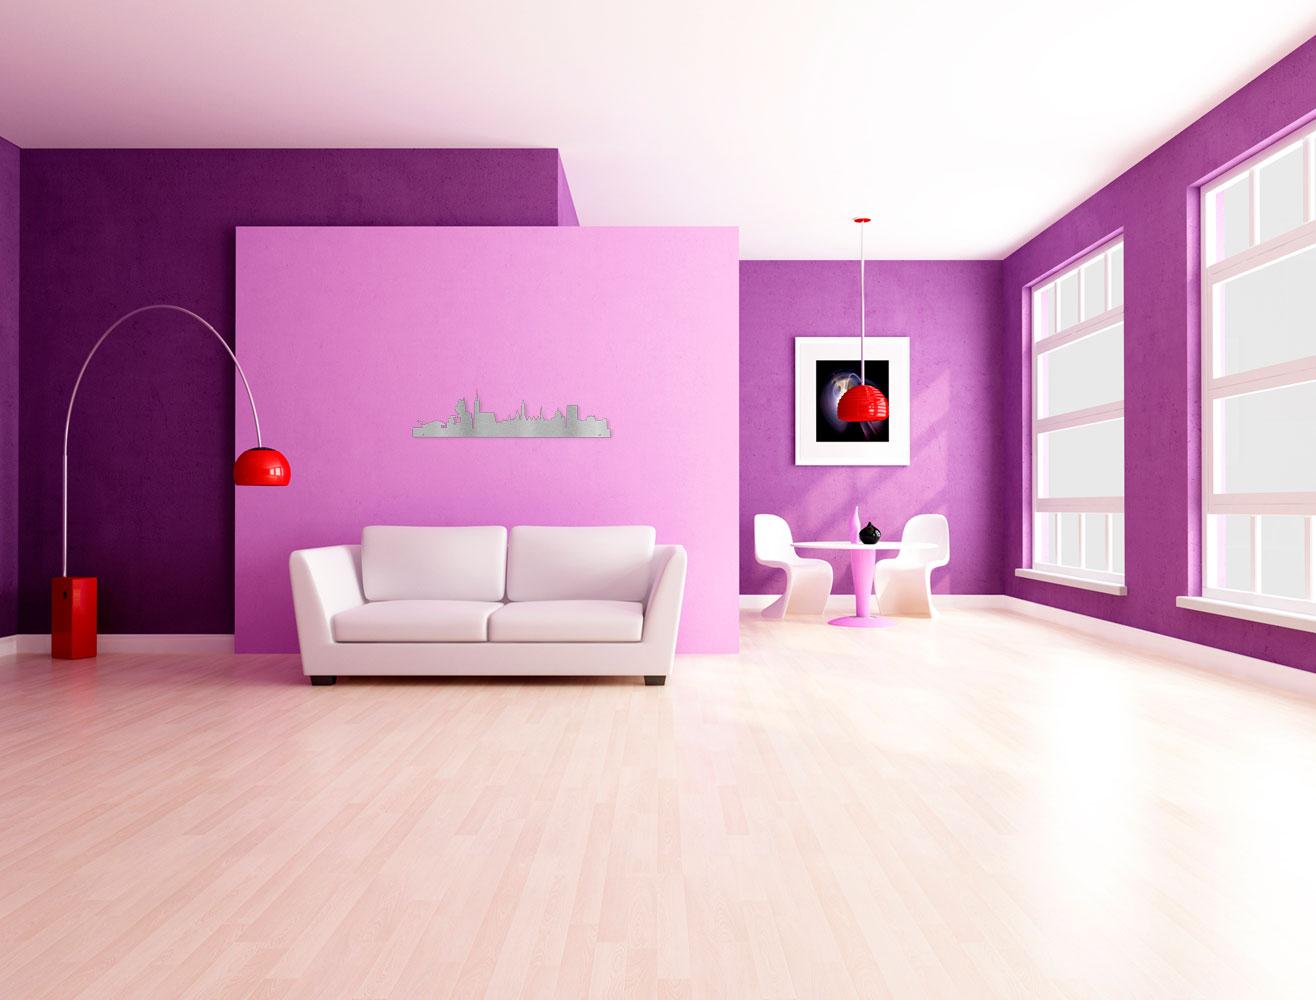 wohnzimmer hannover | jtleigh - hausgestaltung ideen